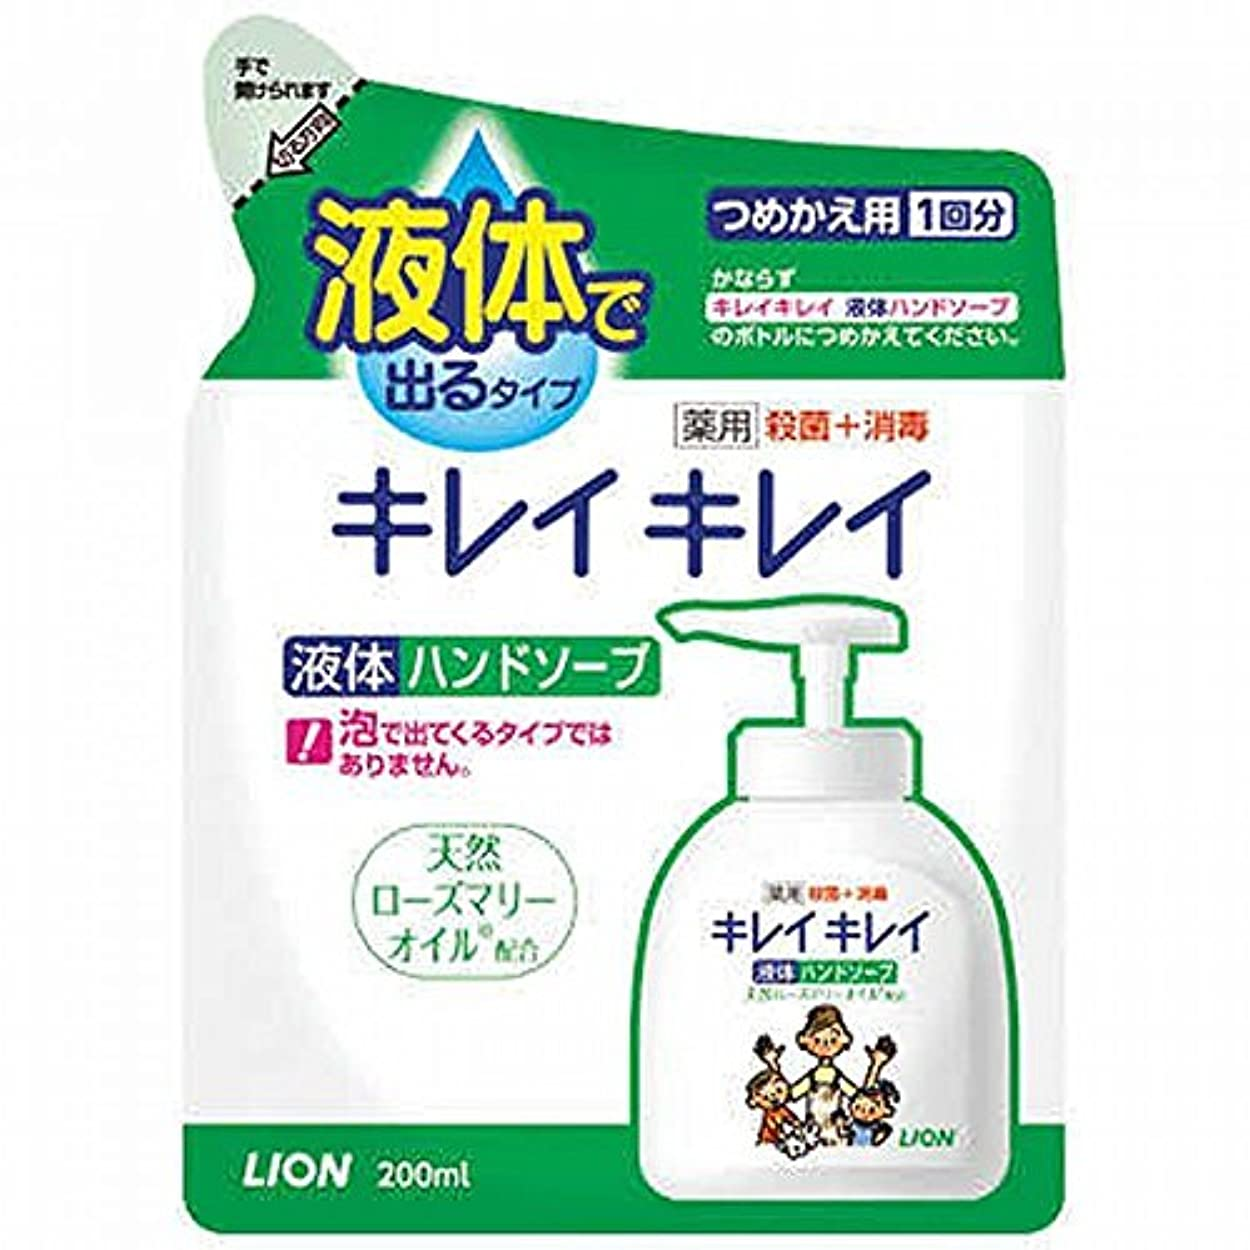 高尚な検出可能広告キレイキレイ 薬用液体ハンドソープ  詰替用 200ml ×20個セット